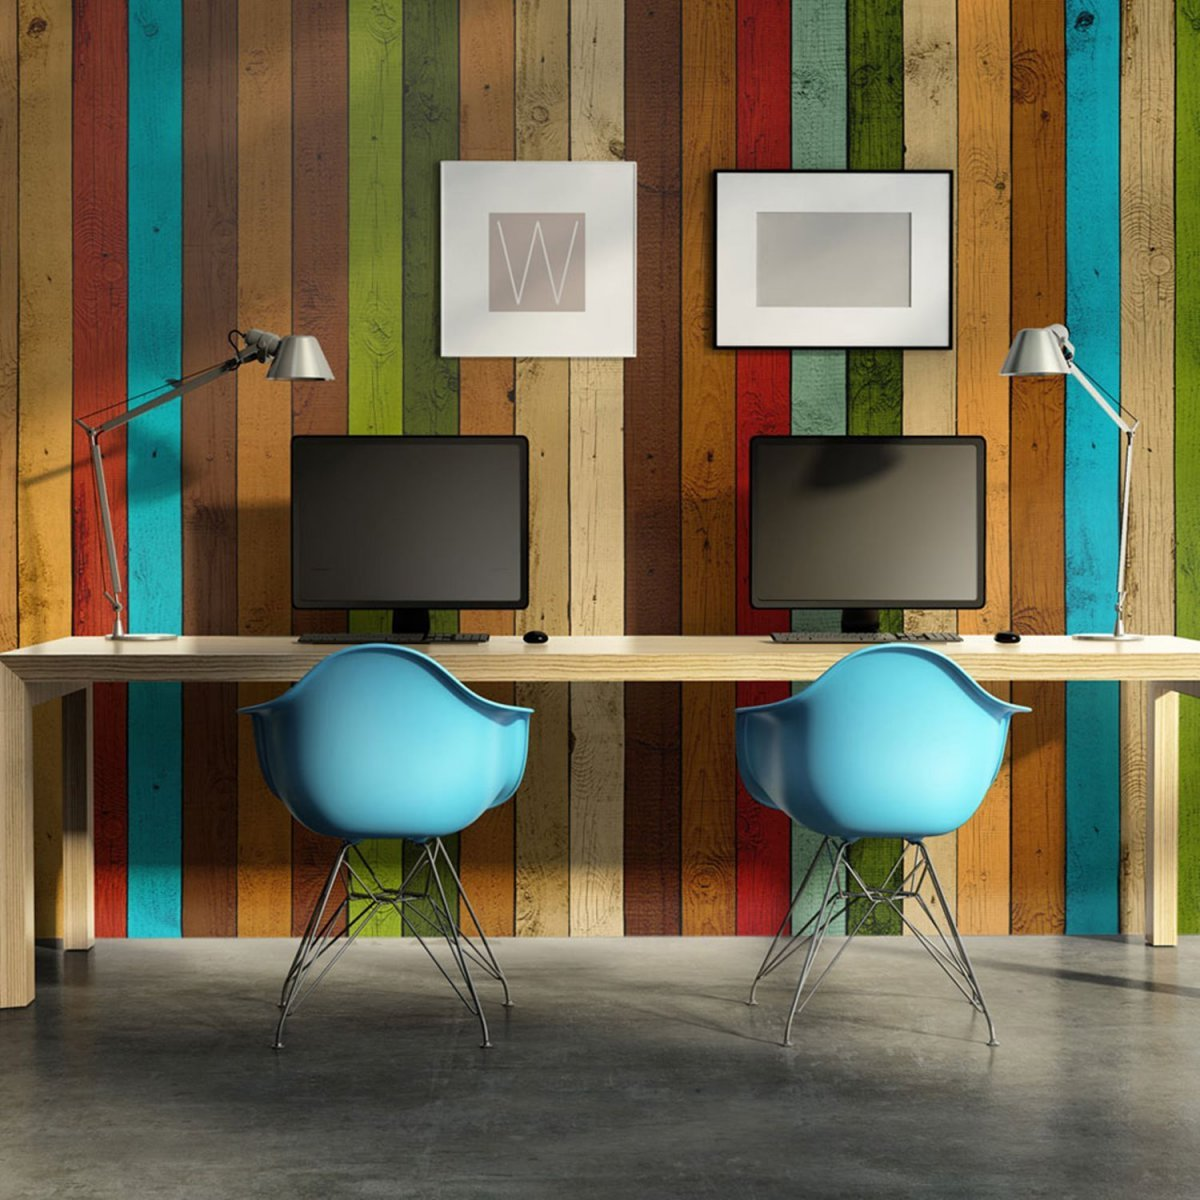 Φωτοταπετσαρίες τοίχου 450 x 280 εκ. | Mymegamarket.gr